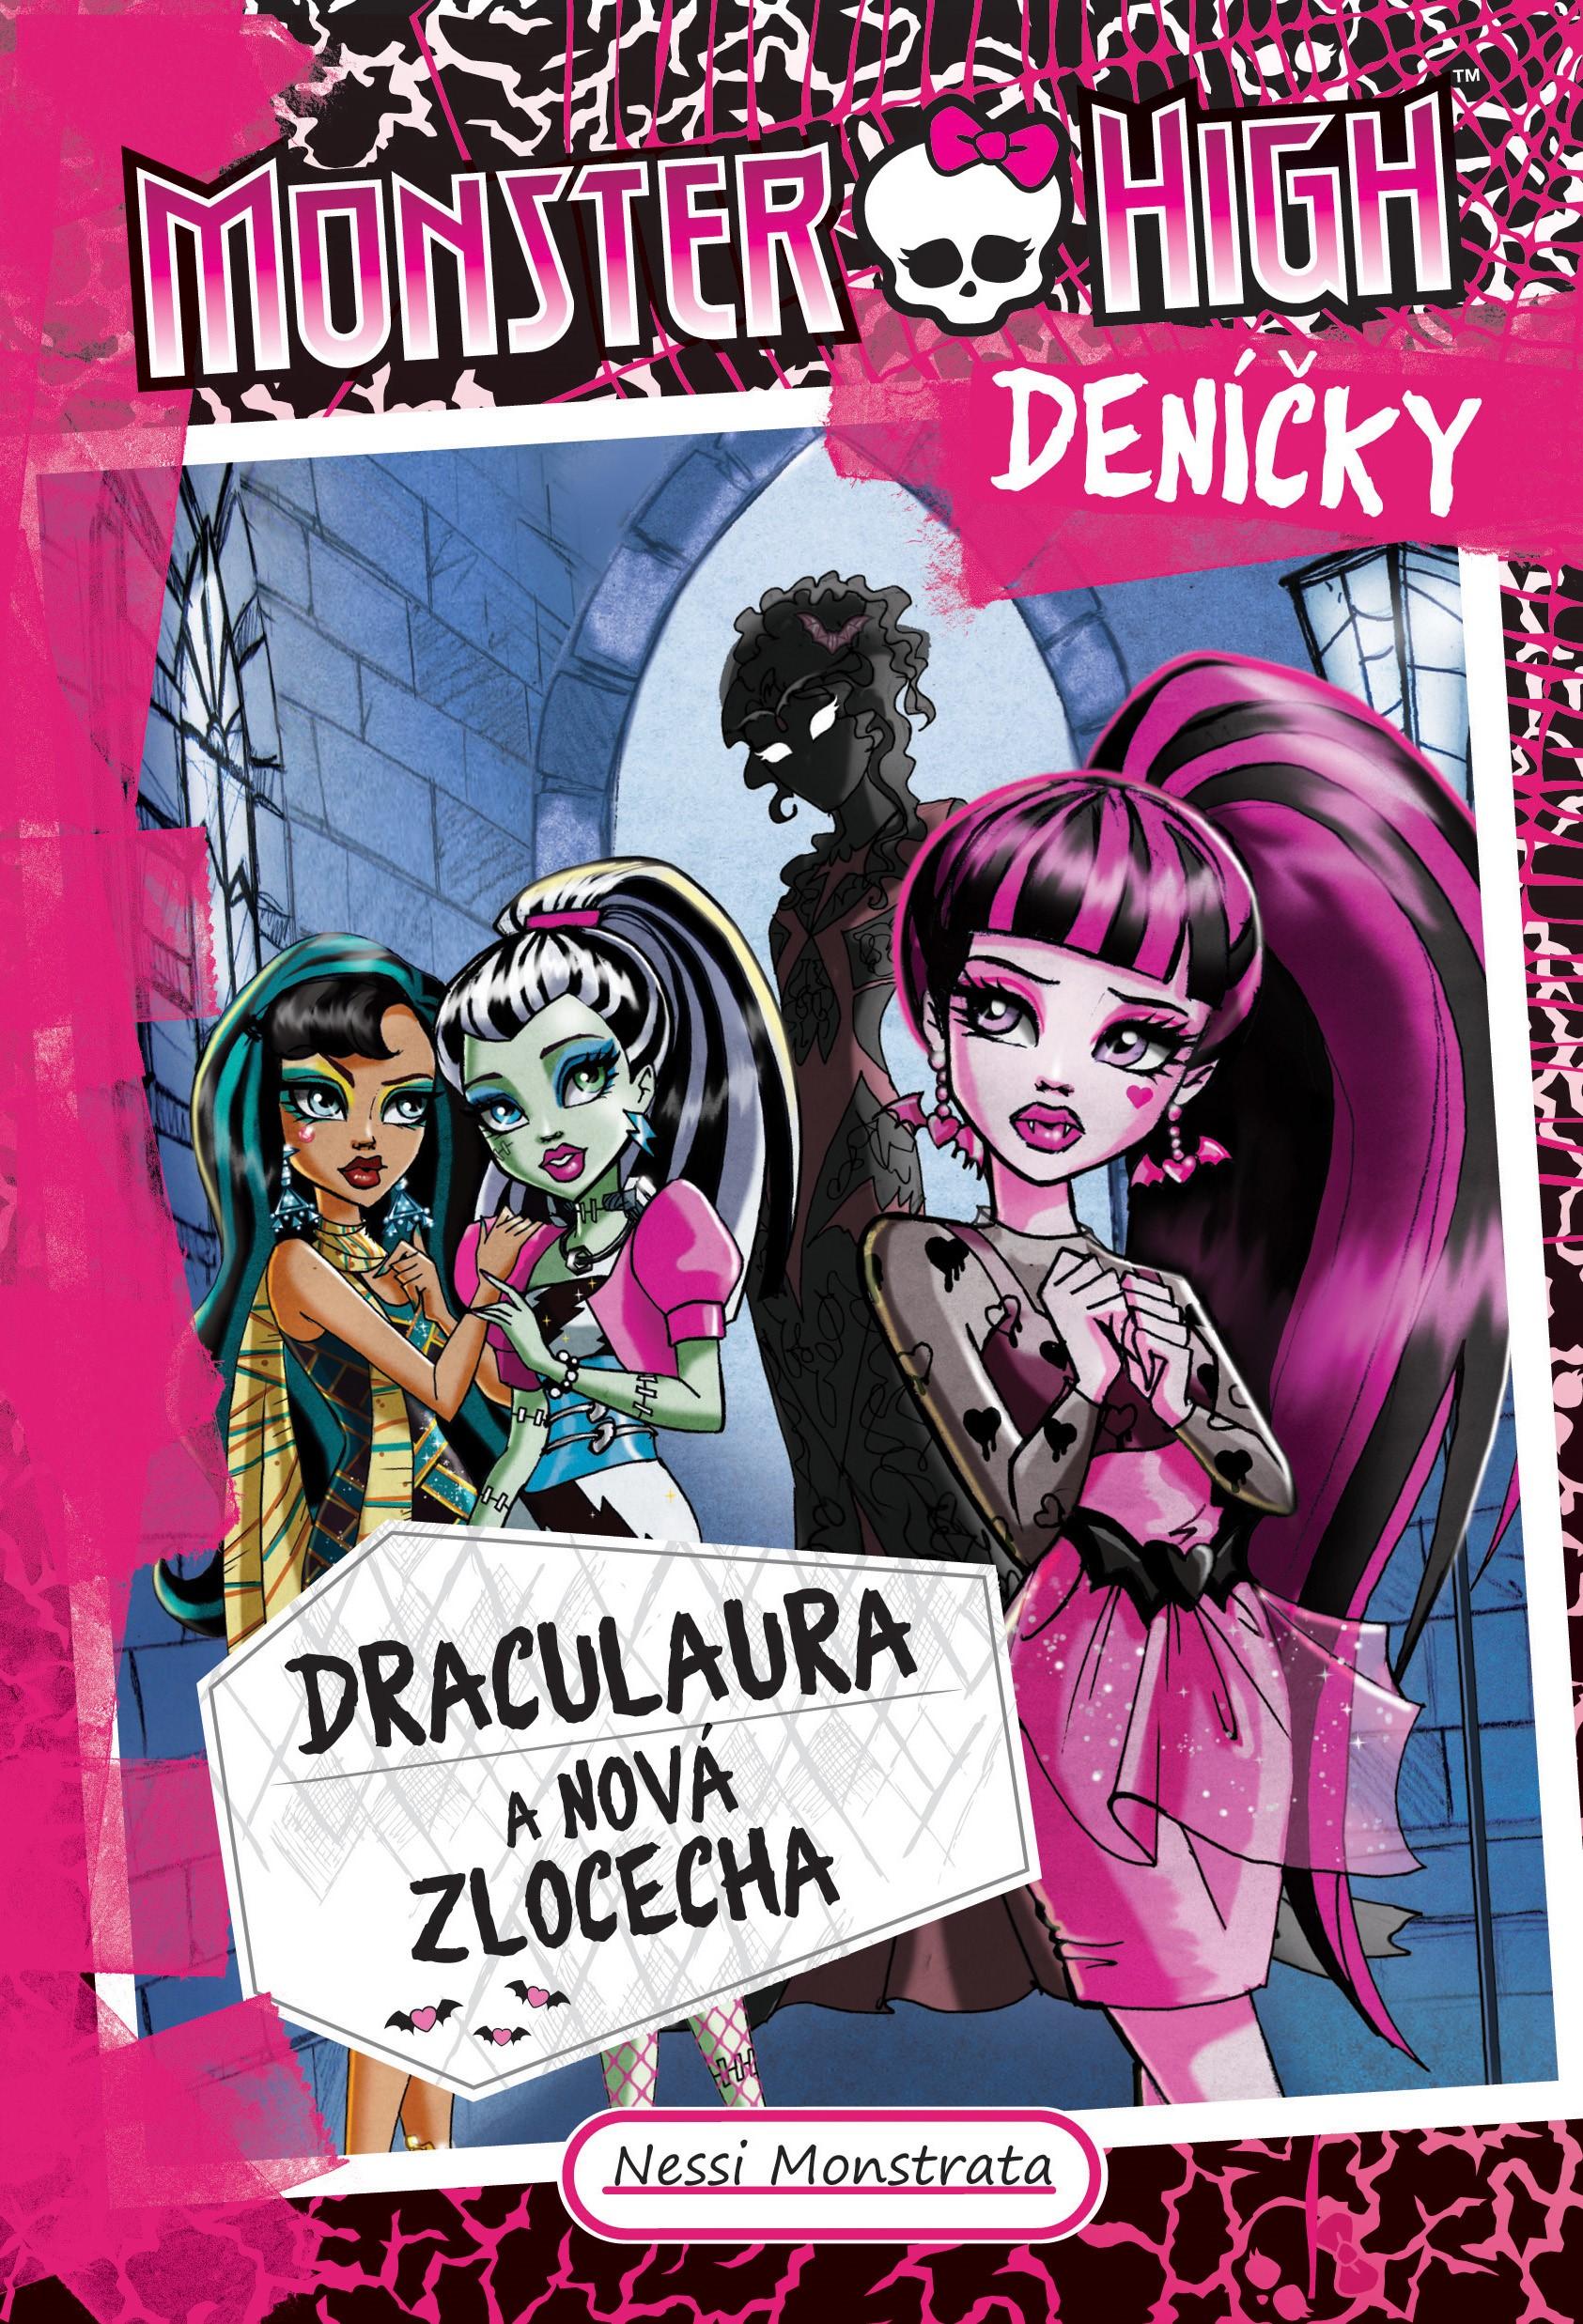 Monster High deníčky – Draculaura a nová zlocecha   Nessi Monstrata